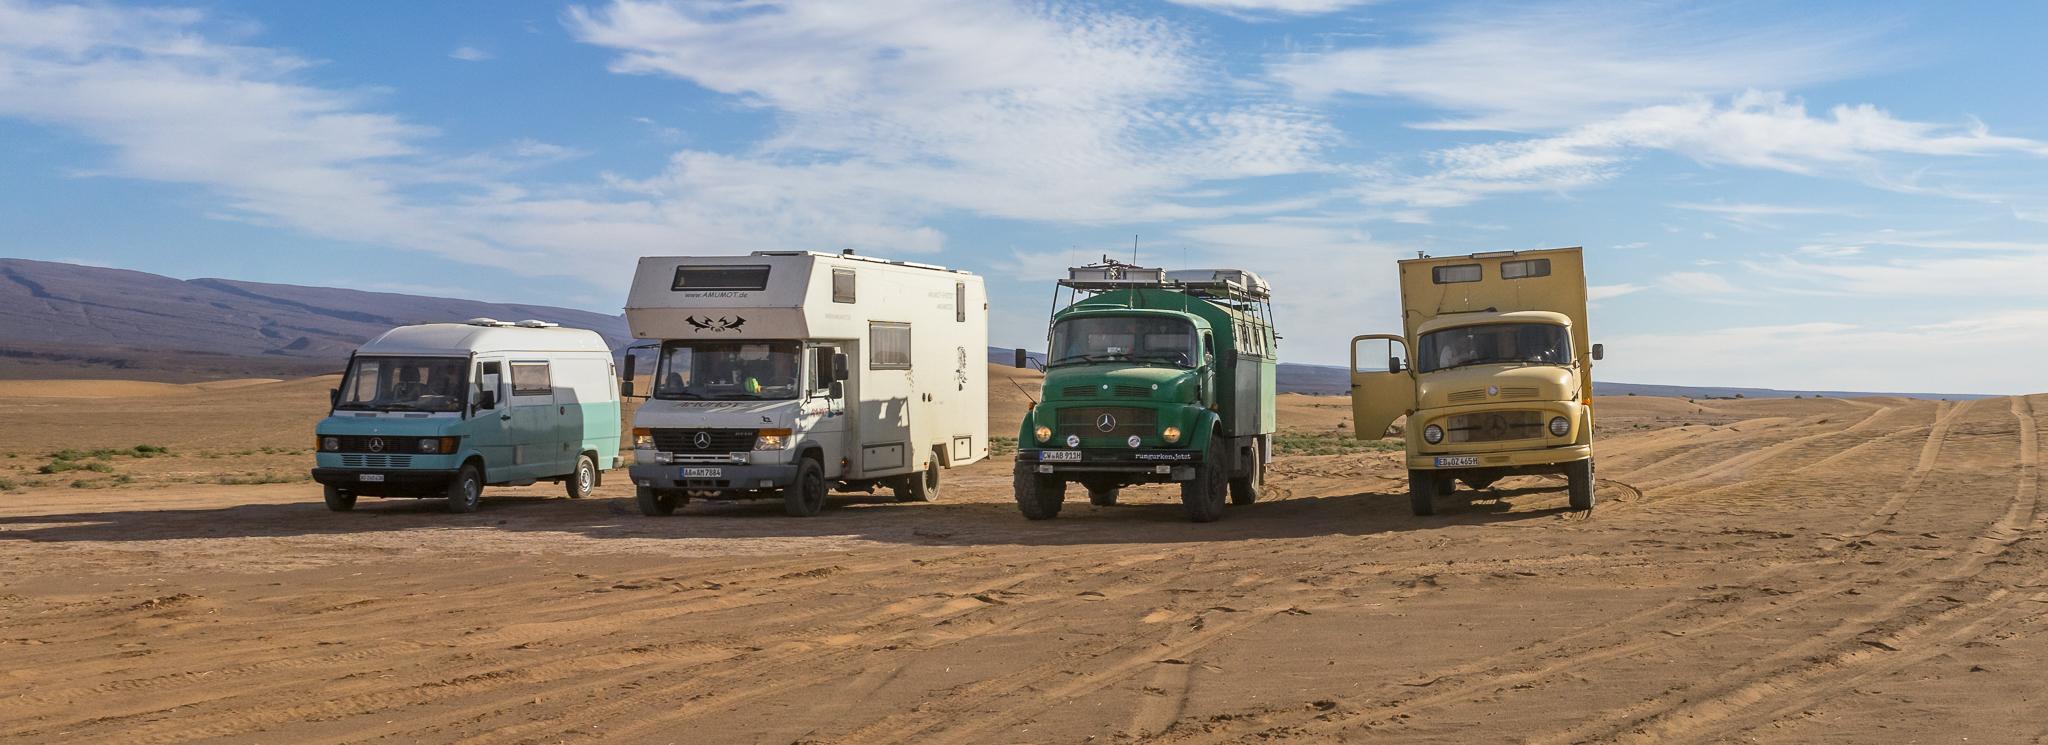 Marokko VI: Le Piste. The Squad. Die Rallye.